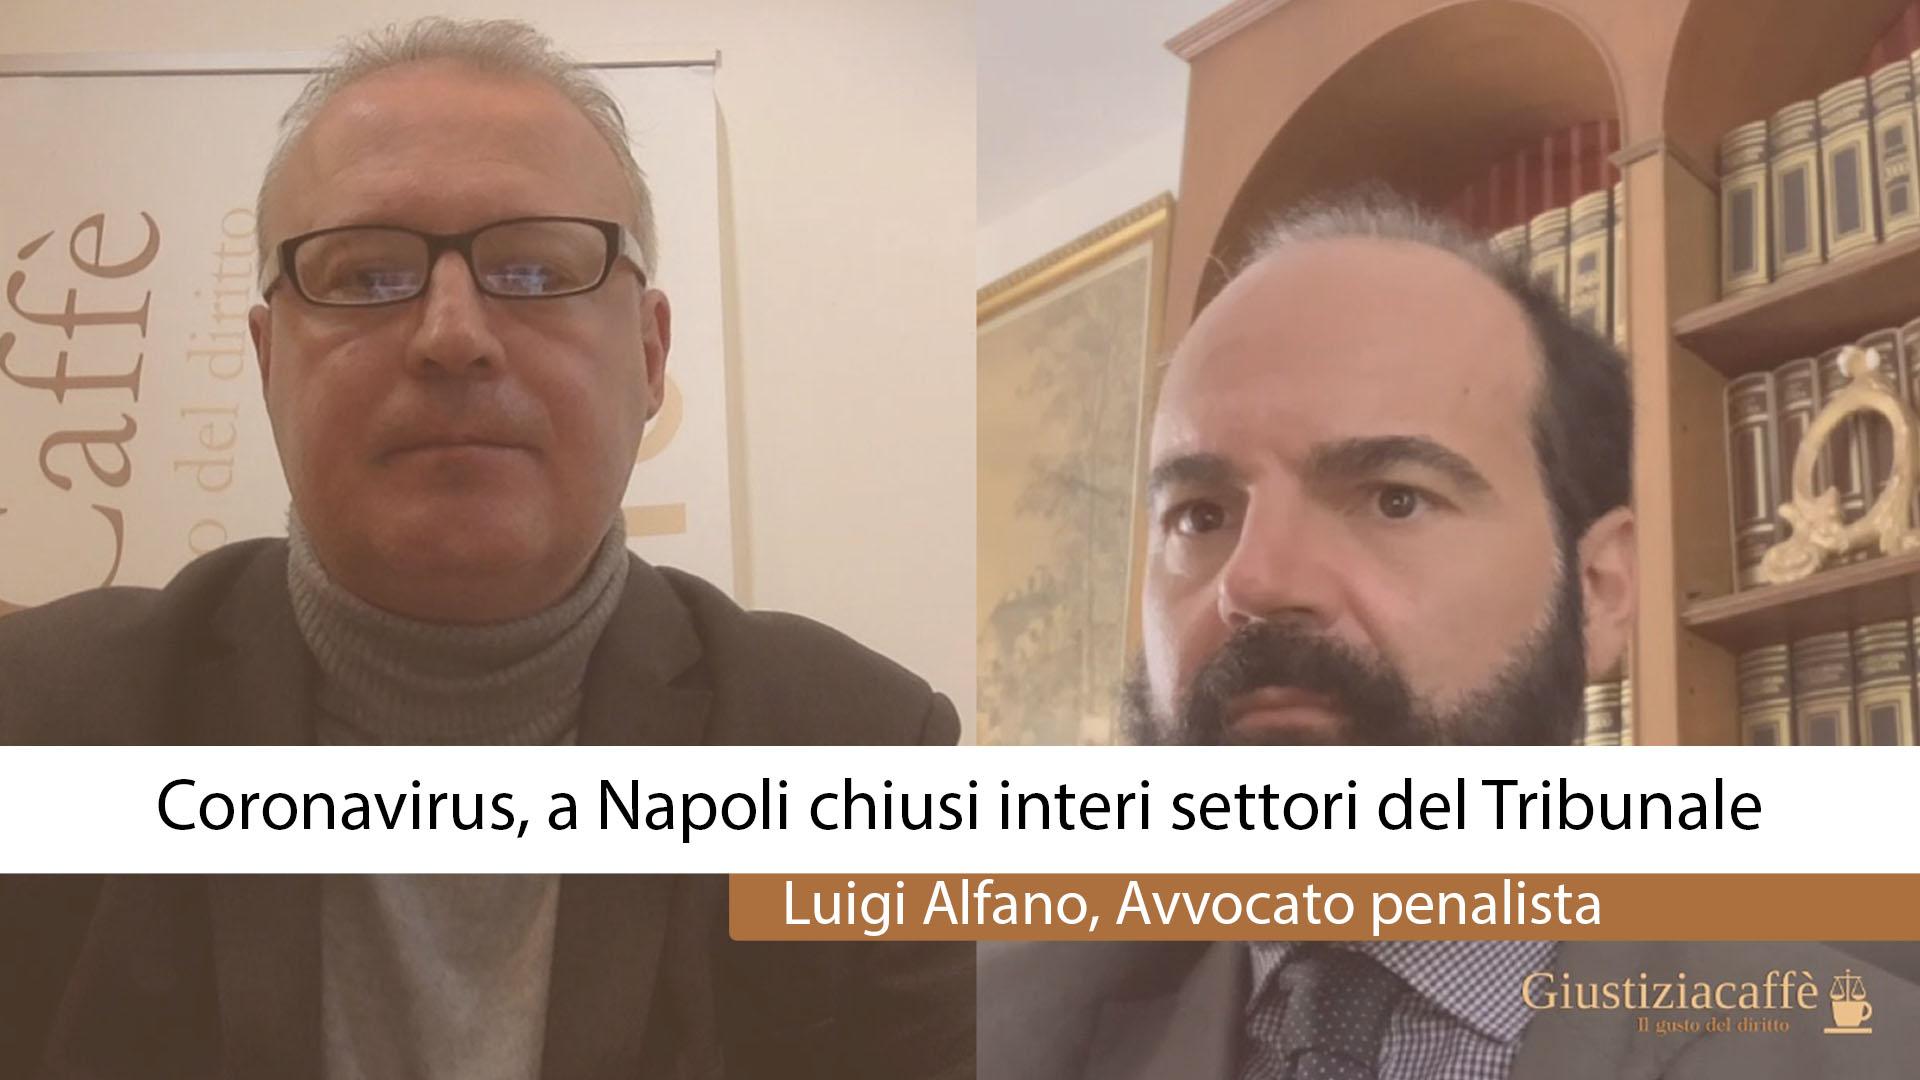 """""""A Napoli molti settori del Tribunale sono chiusi ma servono misure omogenee in tutto il Paese nona macchia di leopardo"""". Lo manda a dire l'avvocato penalista Luigi Alfano"""